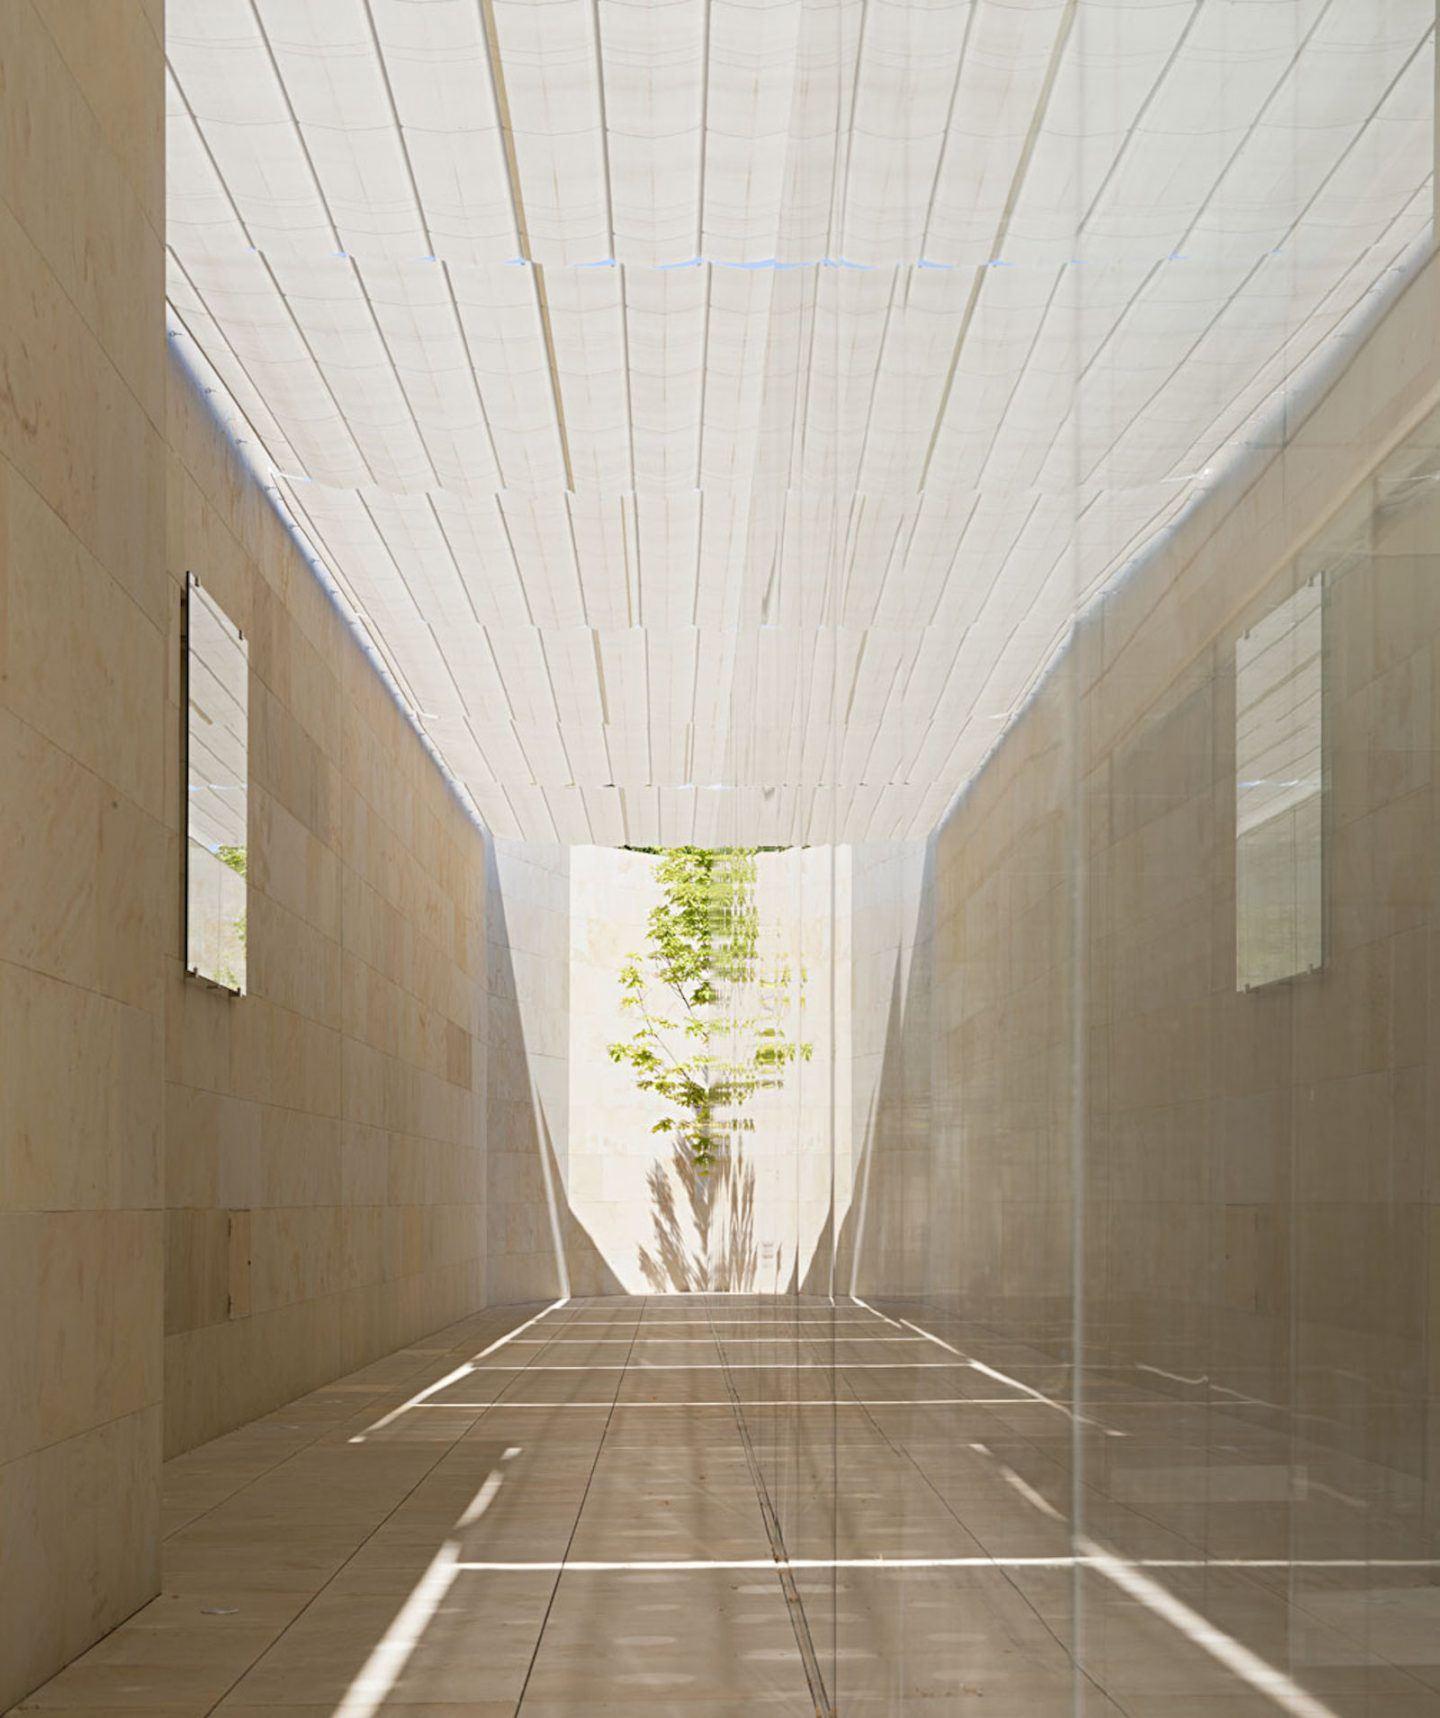 IGNANT-Architecture-Alberto-Campo-Baeza-Zamora-Offices 16